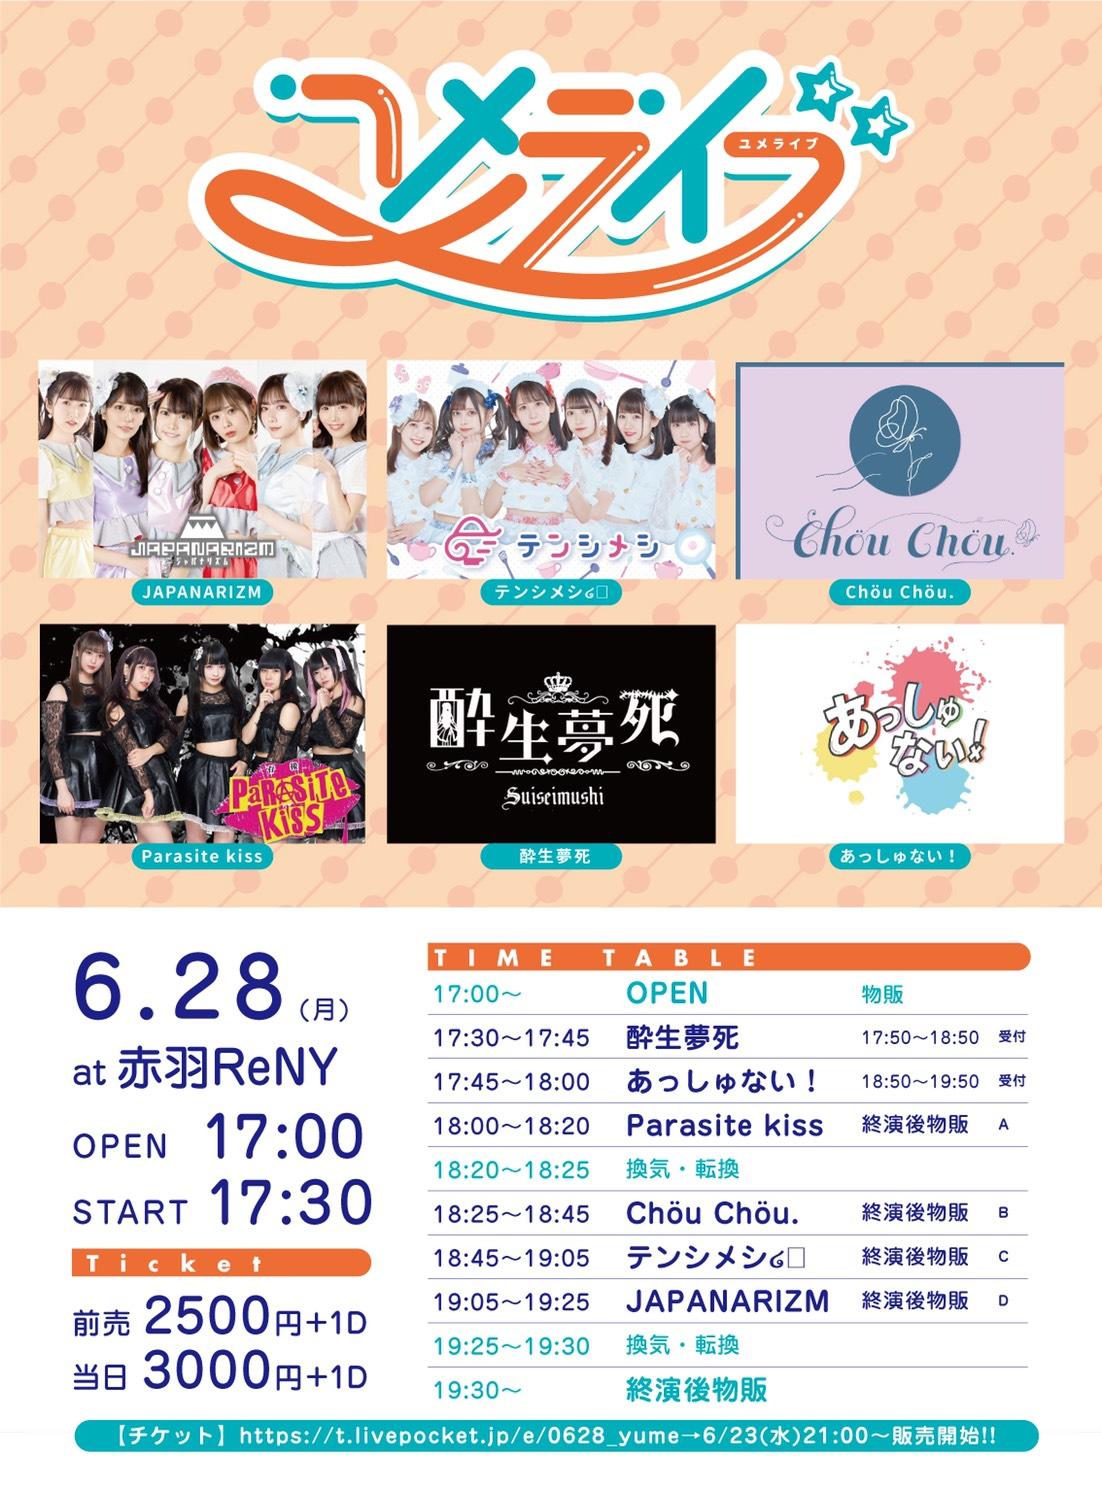 2021/6/28(月) 「ユメライブ」 赤羽ReNY